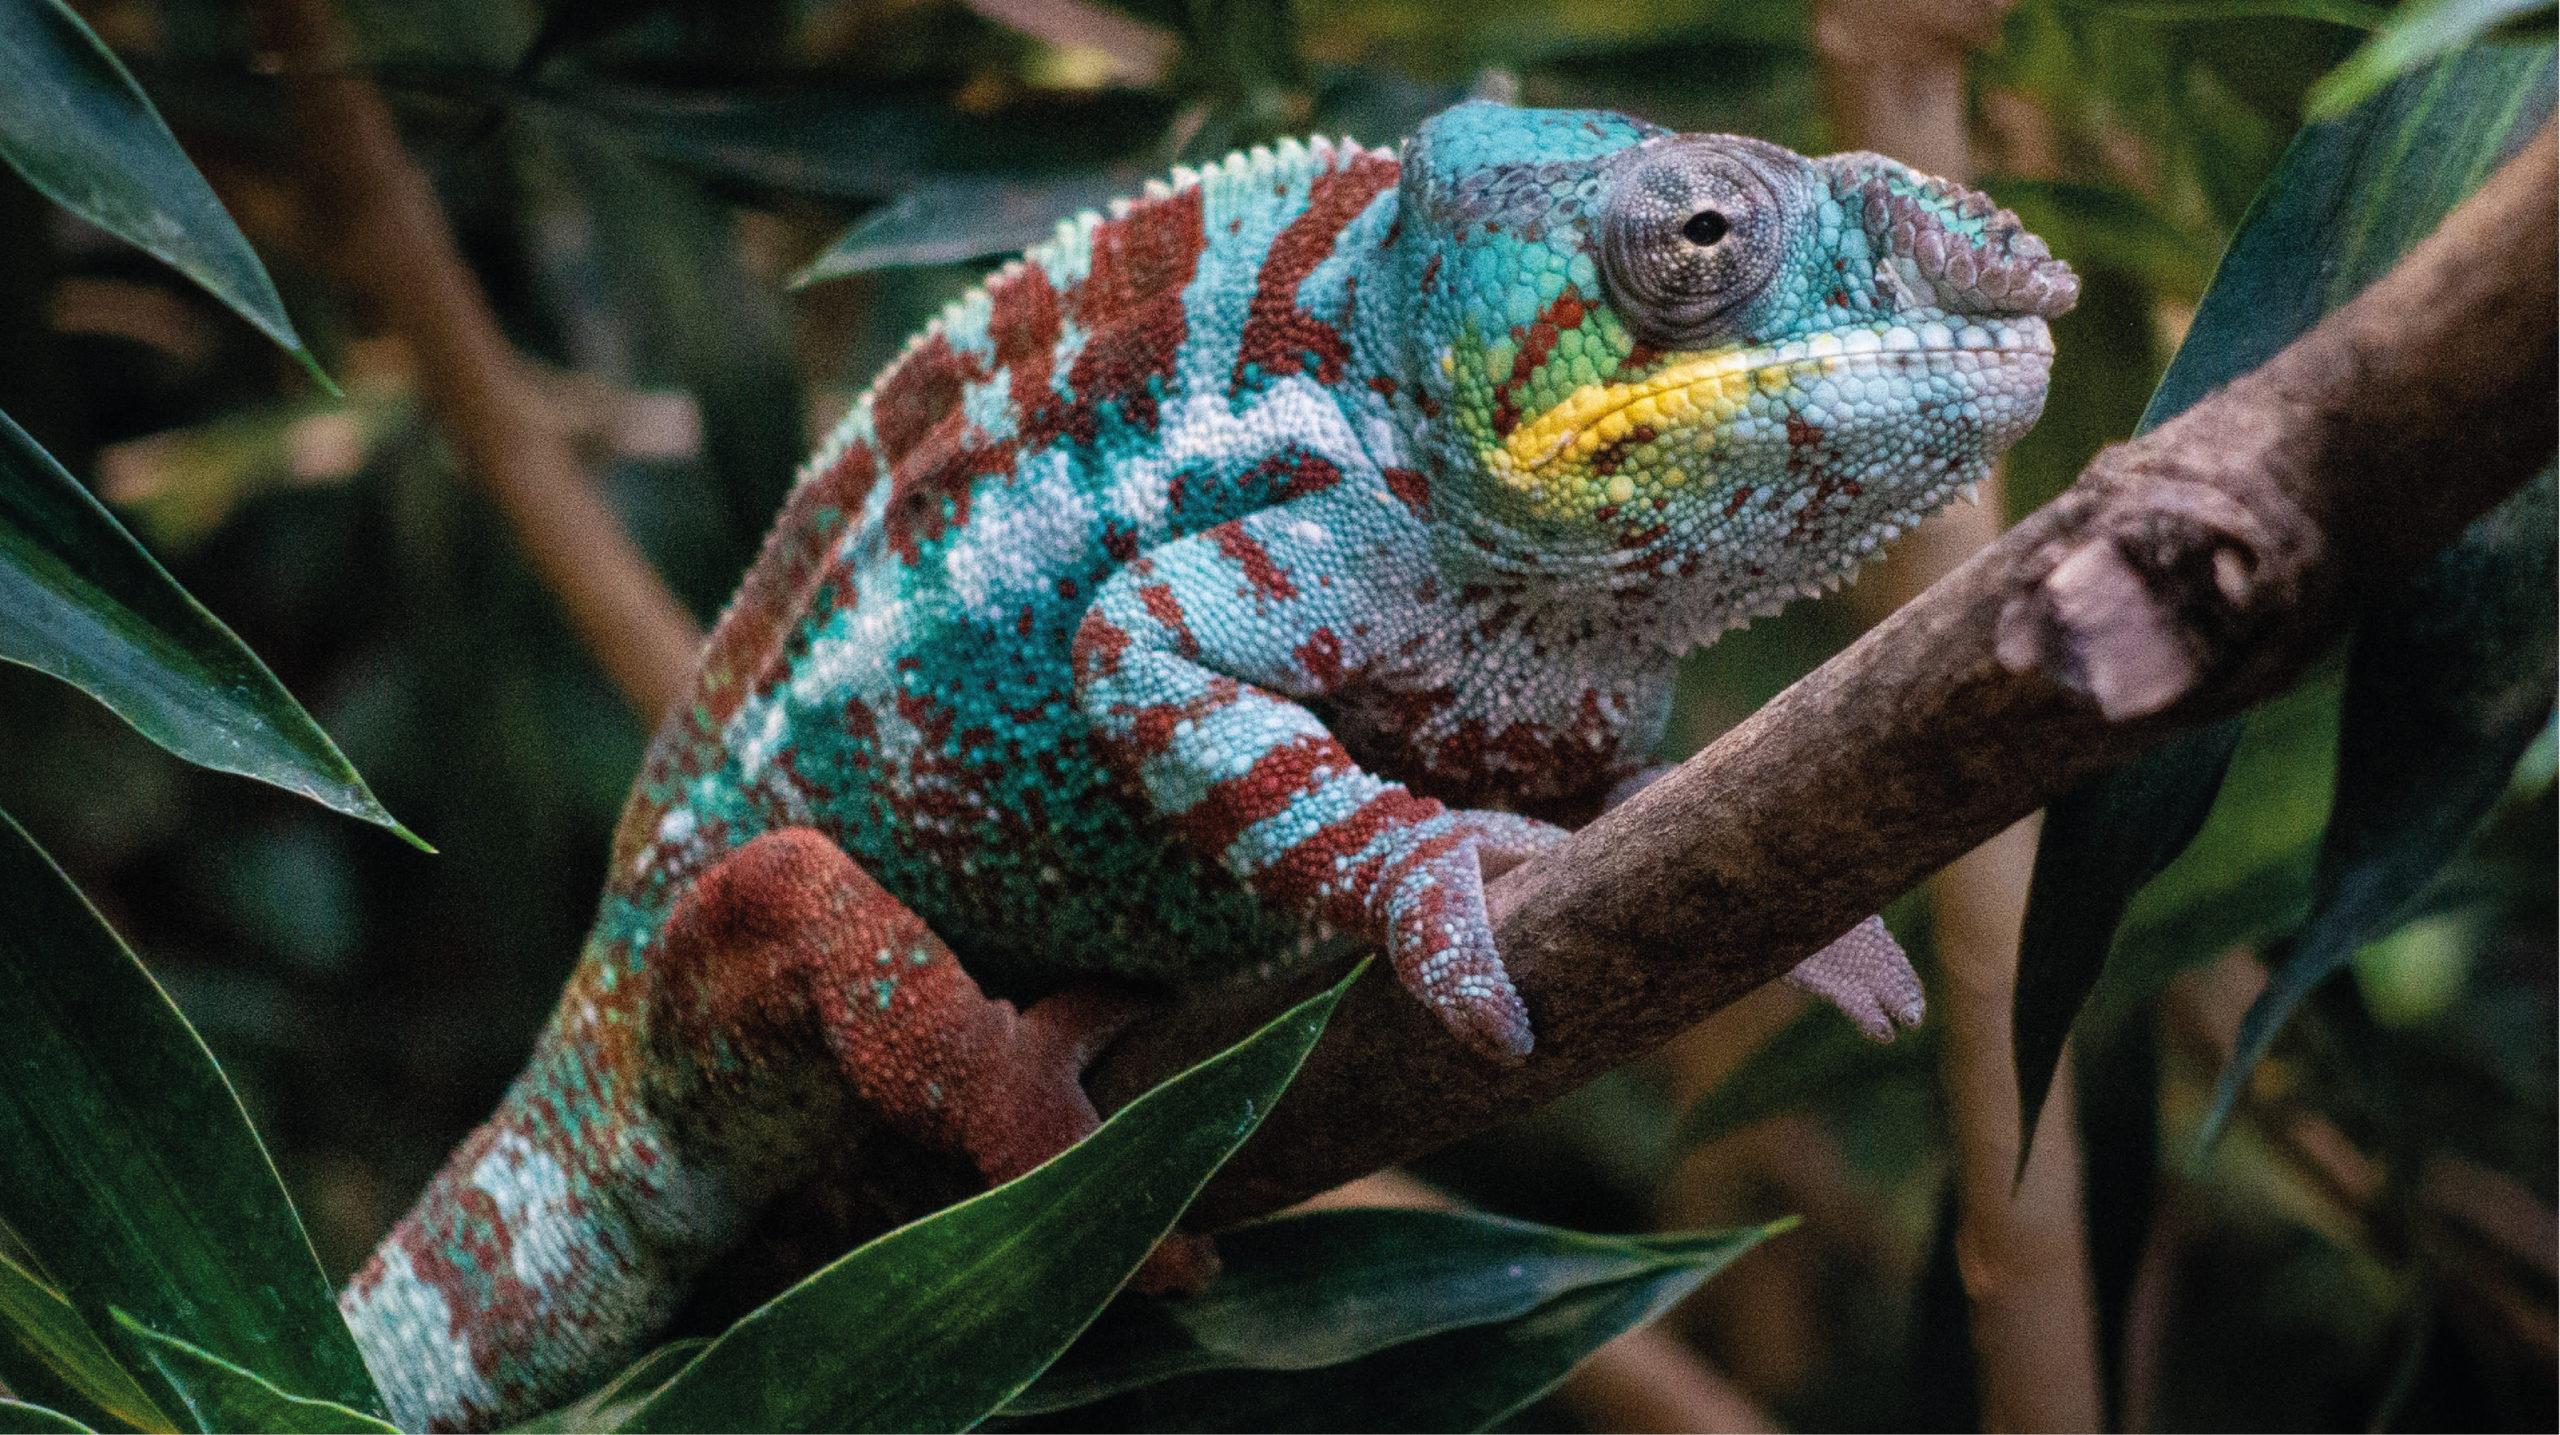 Investigadores crean piel artificial inspirada en el camaleón